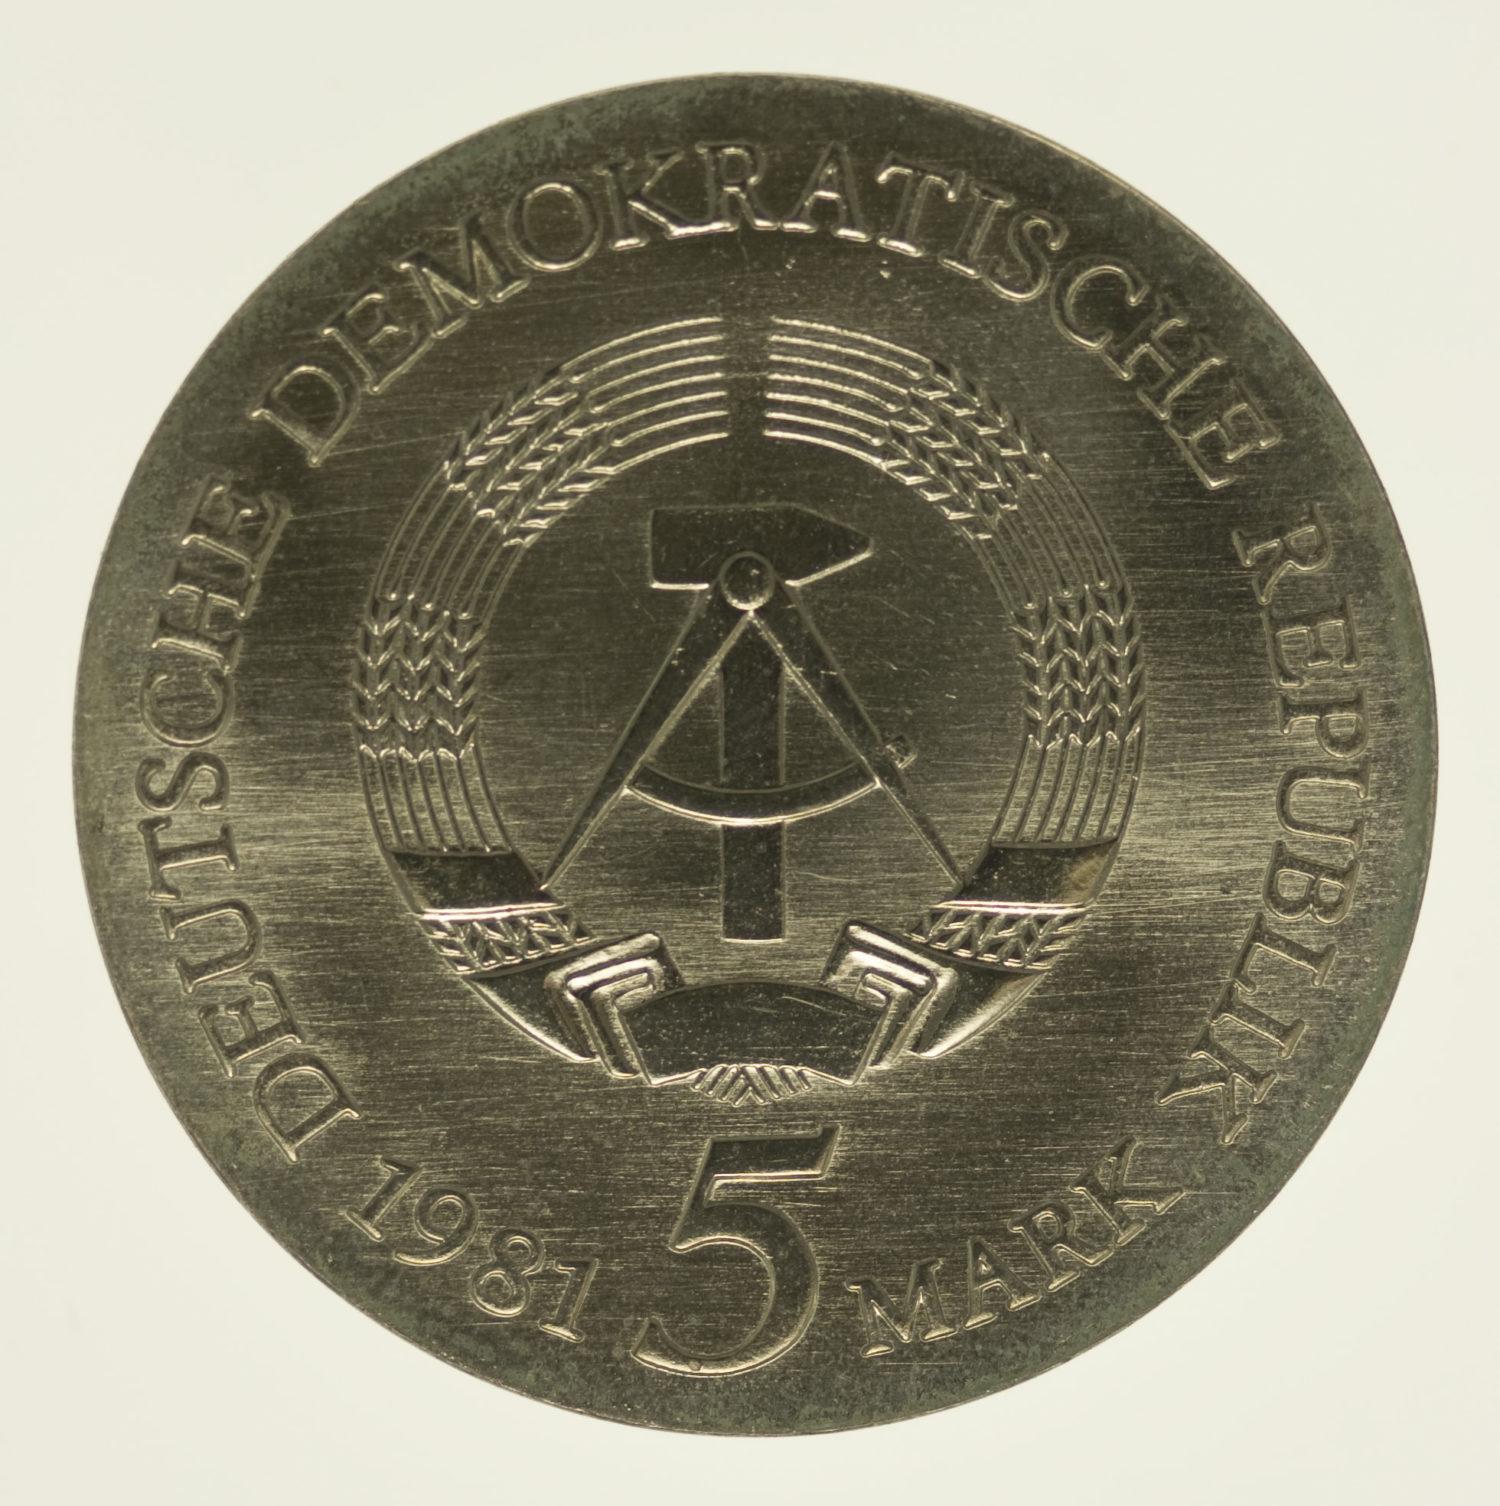 ddr-deutsche-silbermuenzen - DDR 5 Mark 1981 Riemenschneider